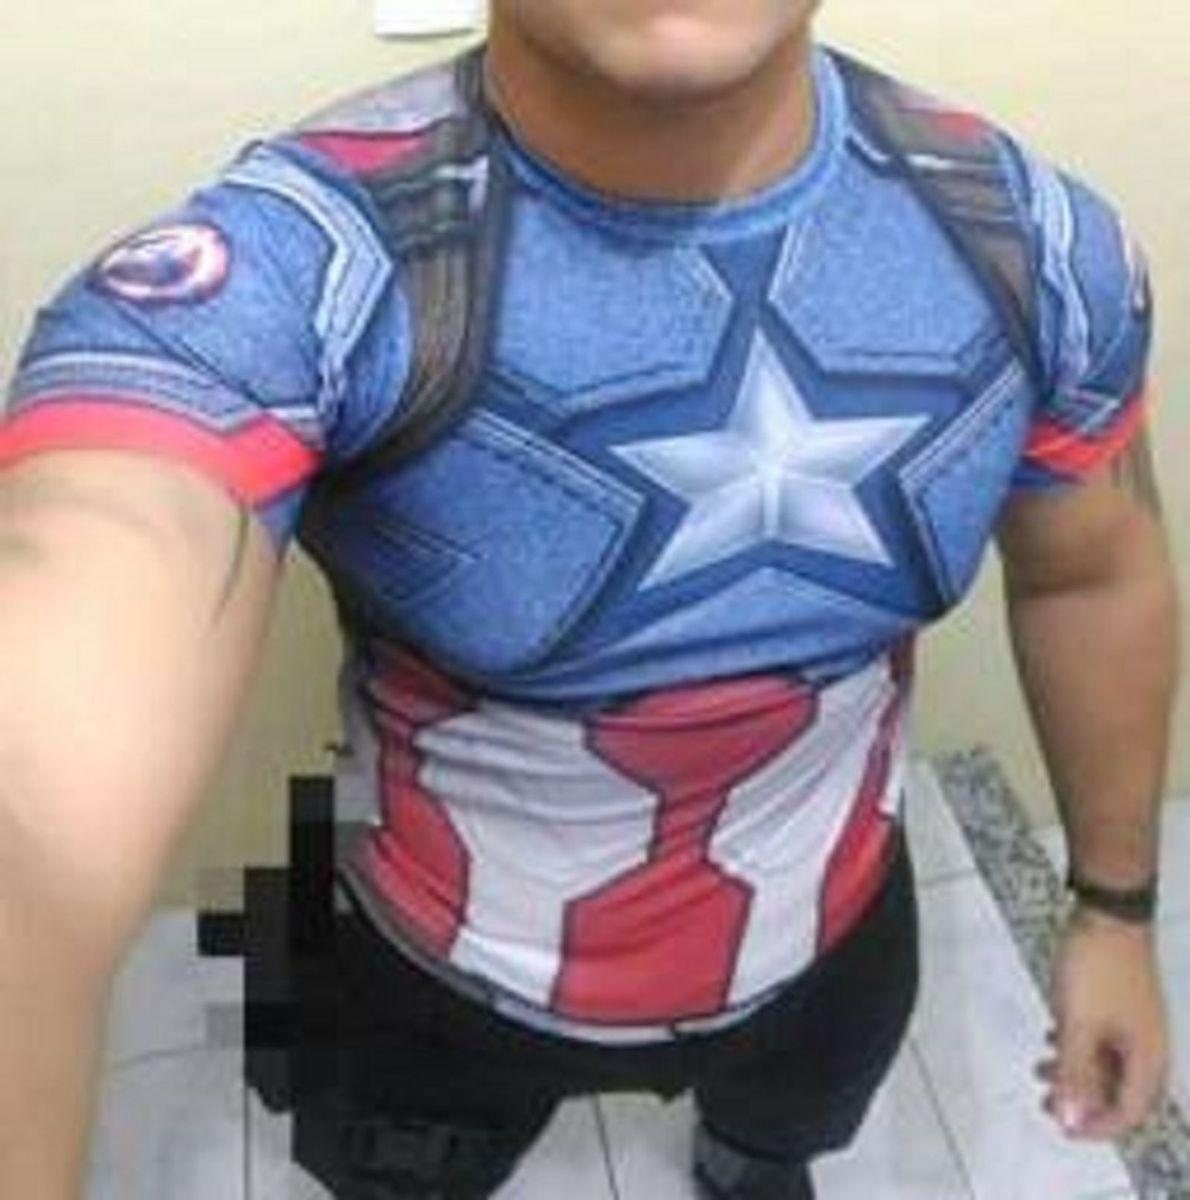 camisa 3d slim compressão nacional - capitão américa - camisetas importado 4f7e8c6d6a824